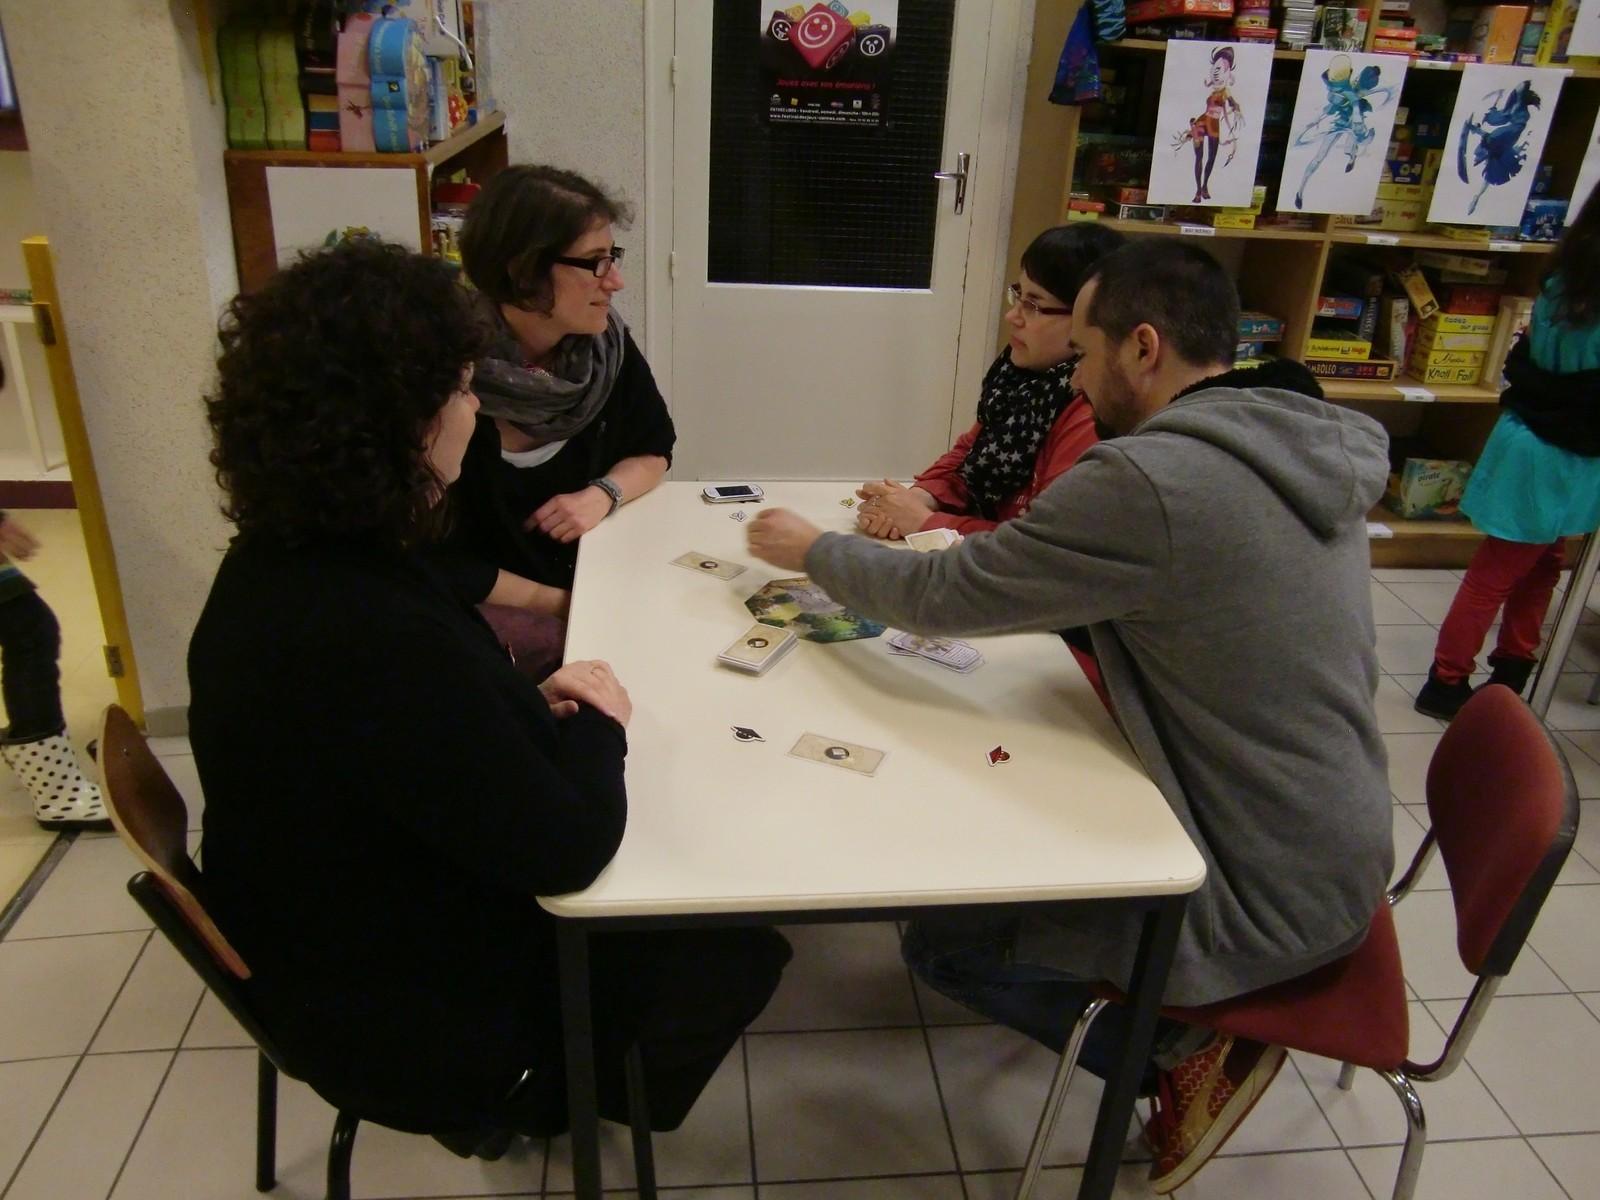 sur les tables à côté, Benoît Forget, l'éditeur, peut enfin se mettre à jouer